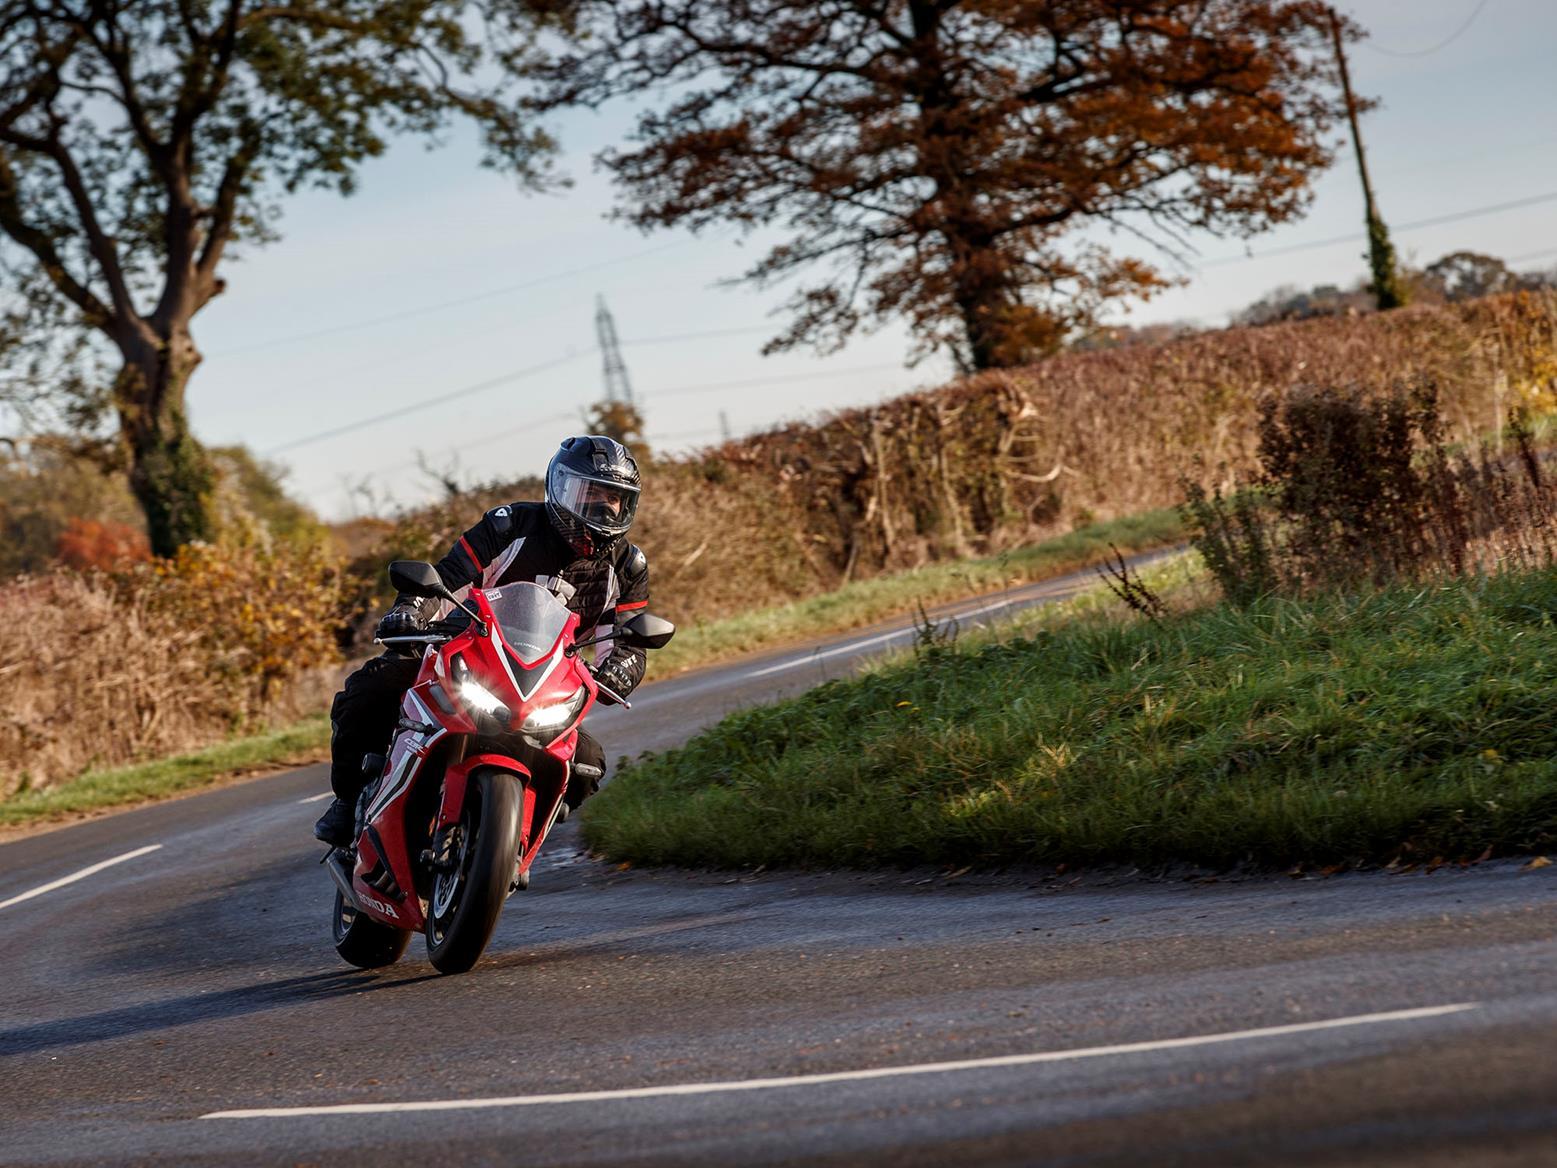 Honda CBR650R winter road